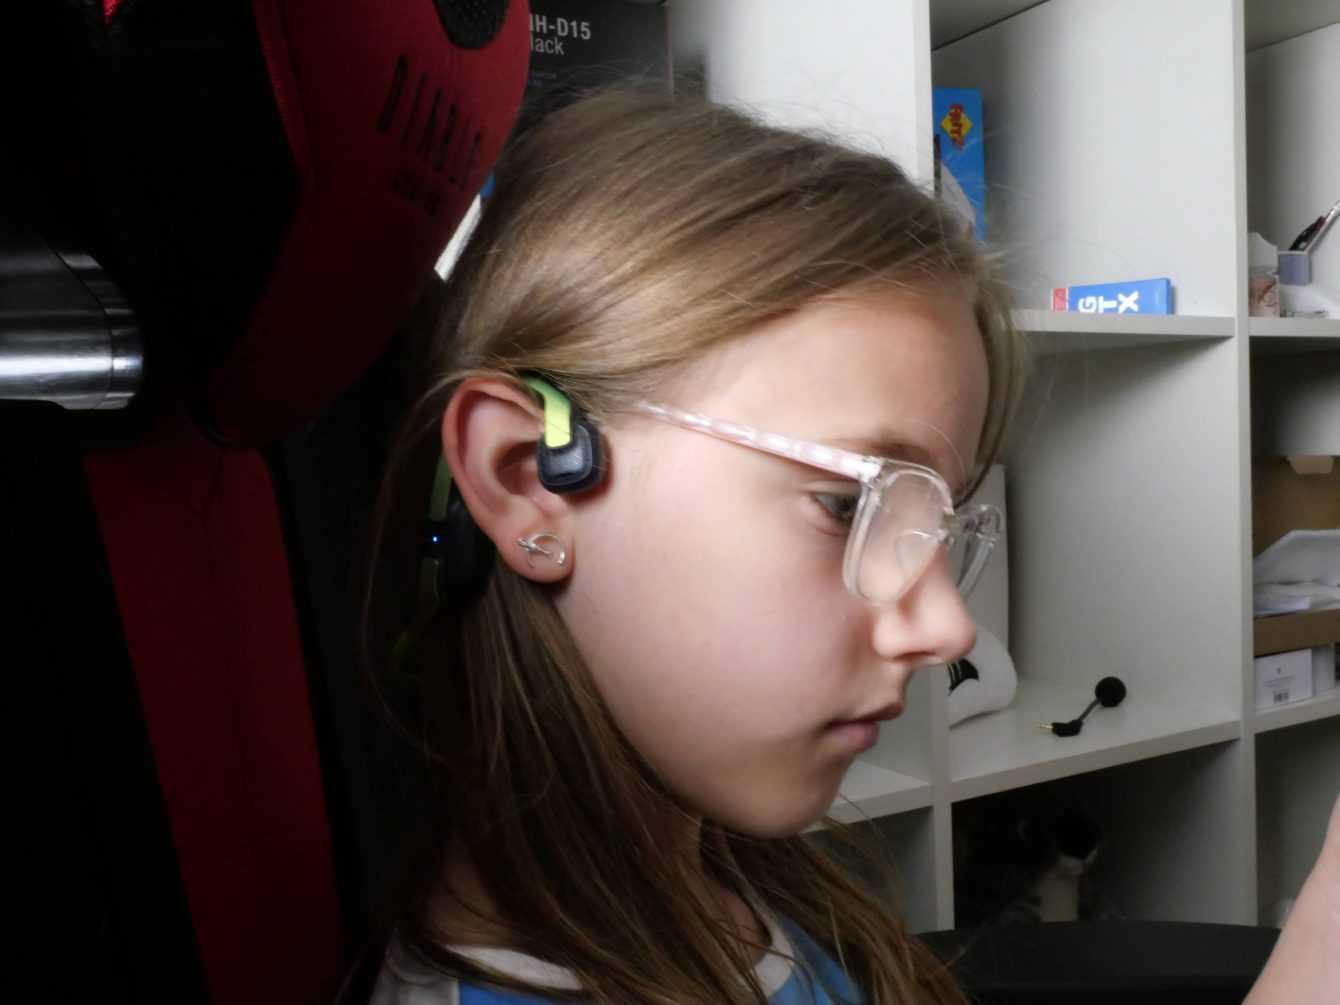 Recensione Imoo Ear-care Headset: le cuffie perfette per il tuo bambino?